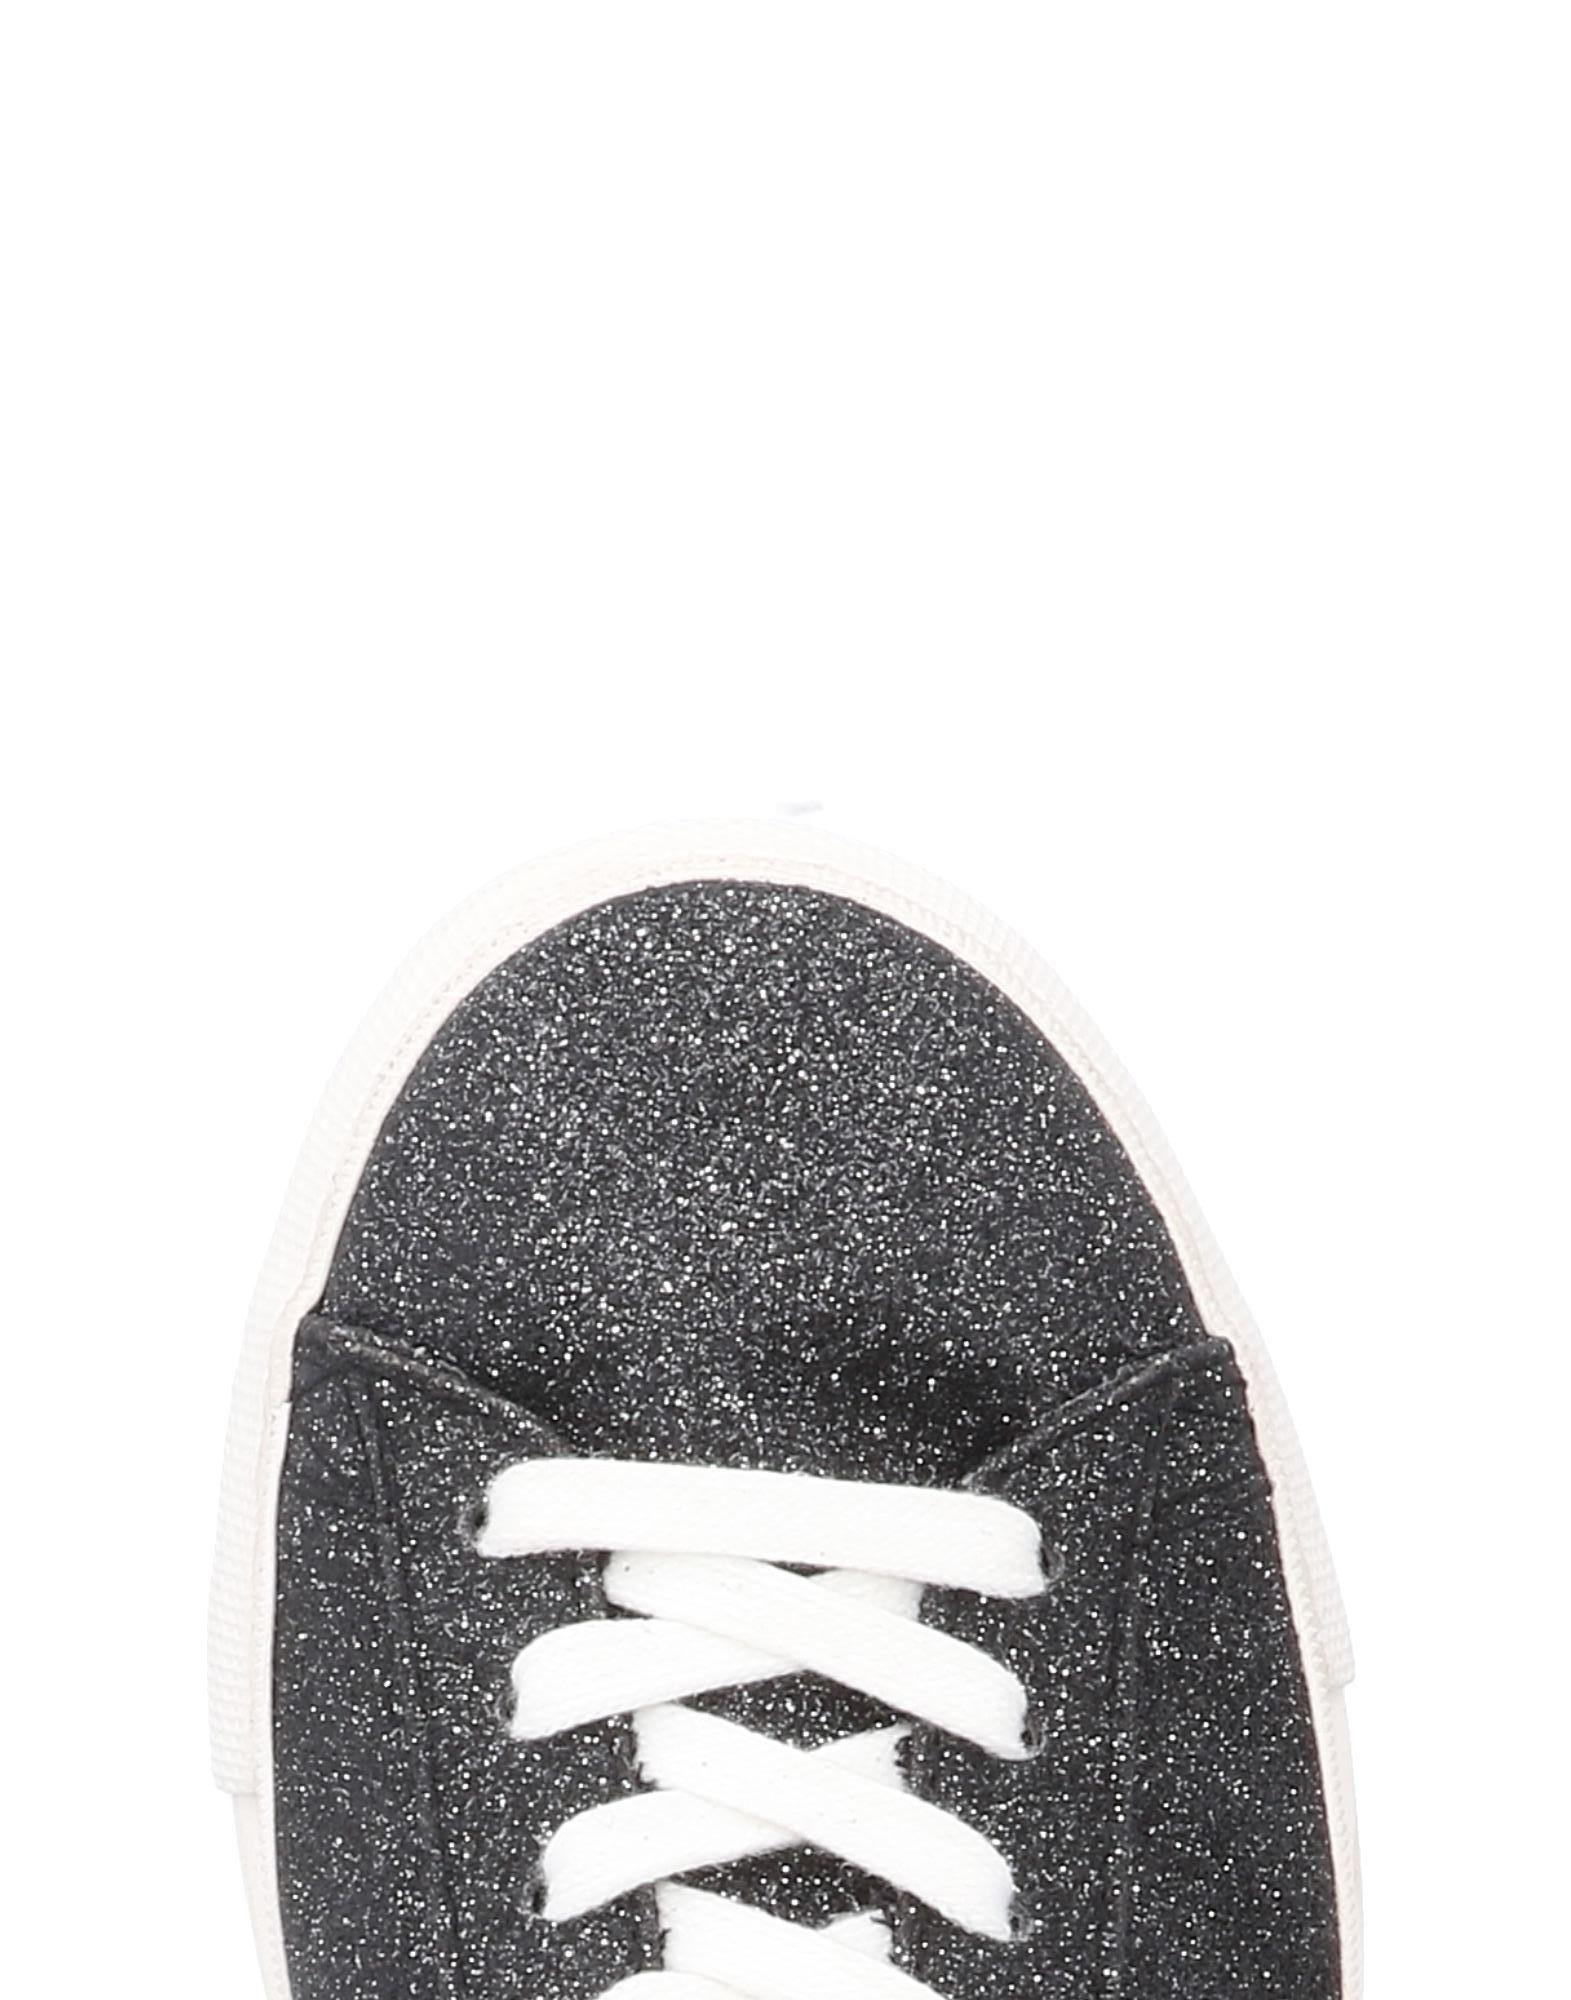 Pony Sneakers Damen  Schuhe 11496547OG Gute Qualität beliebte Schuhe  a3579d